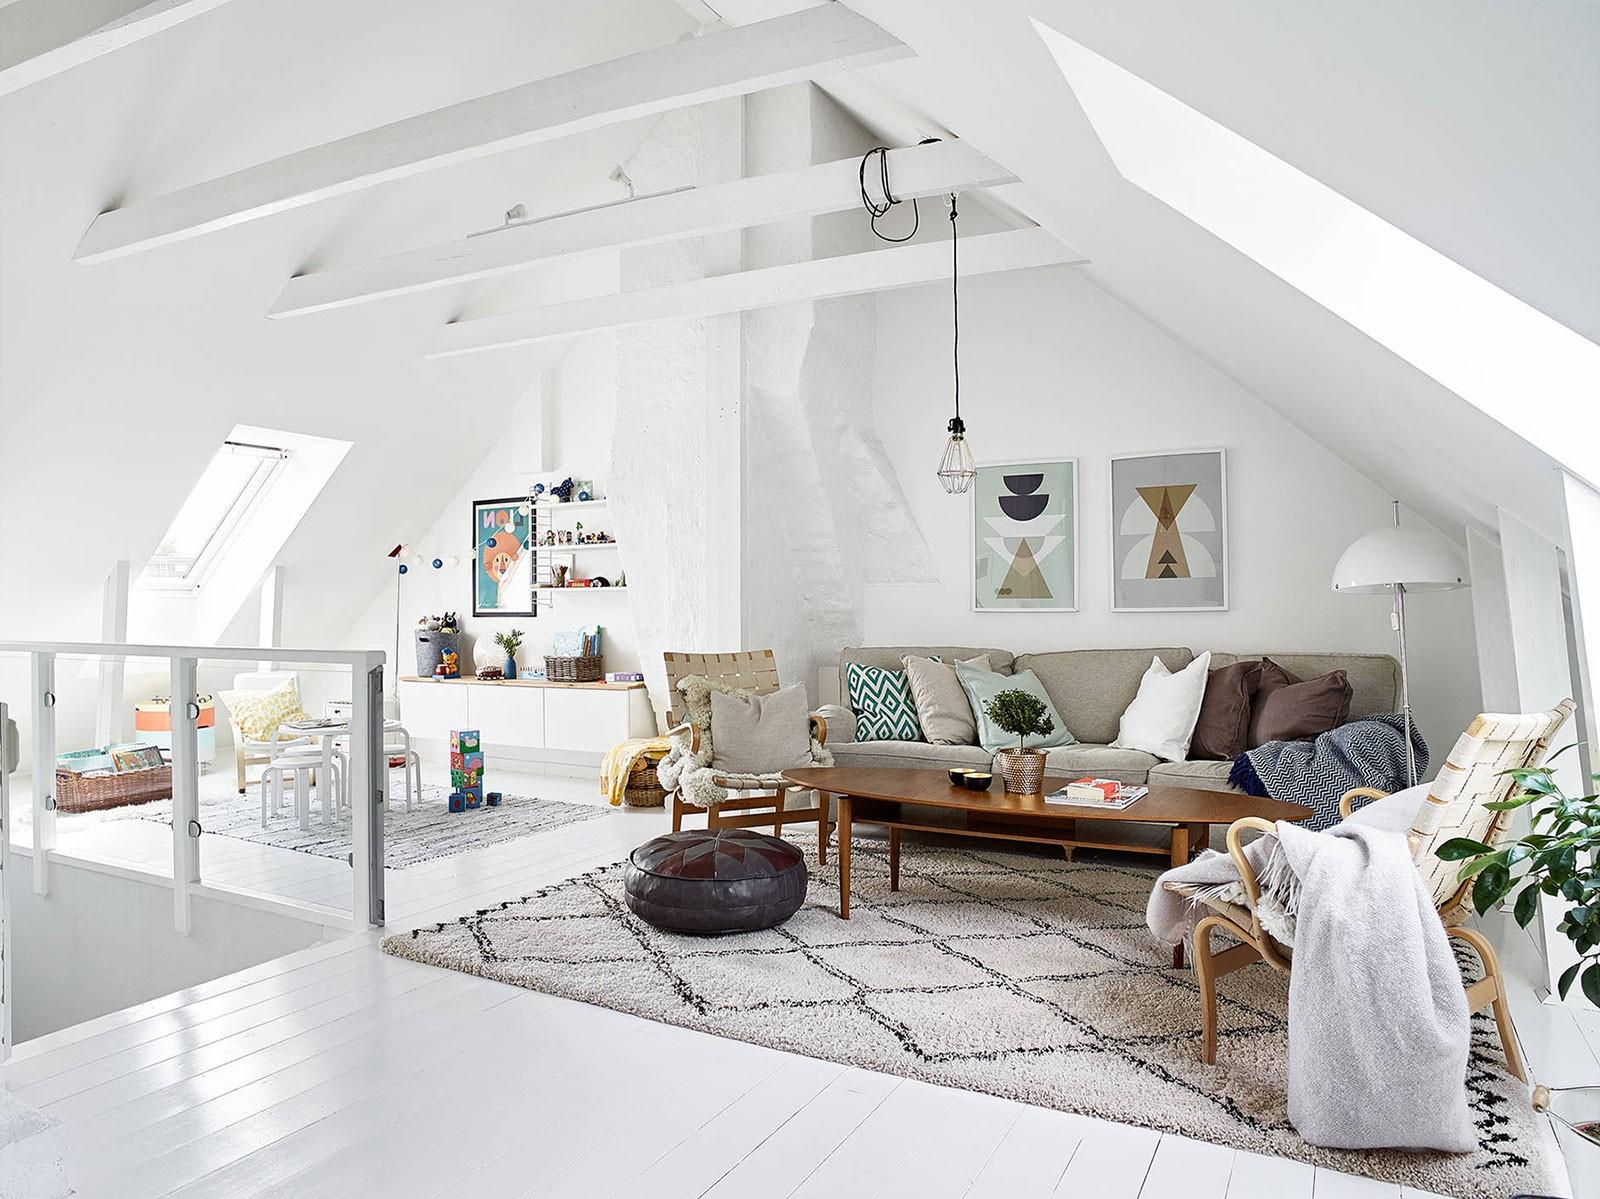 Donnez-leur une vue incroyable sur les puits de lumière en transformant la pièce mansardée en une chambre d'amis relaxante.